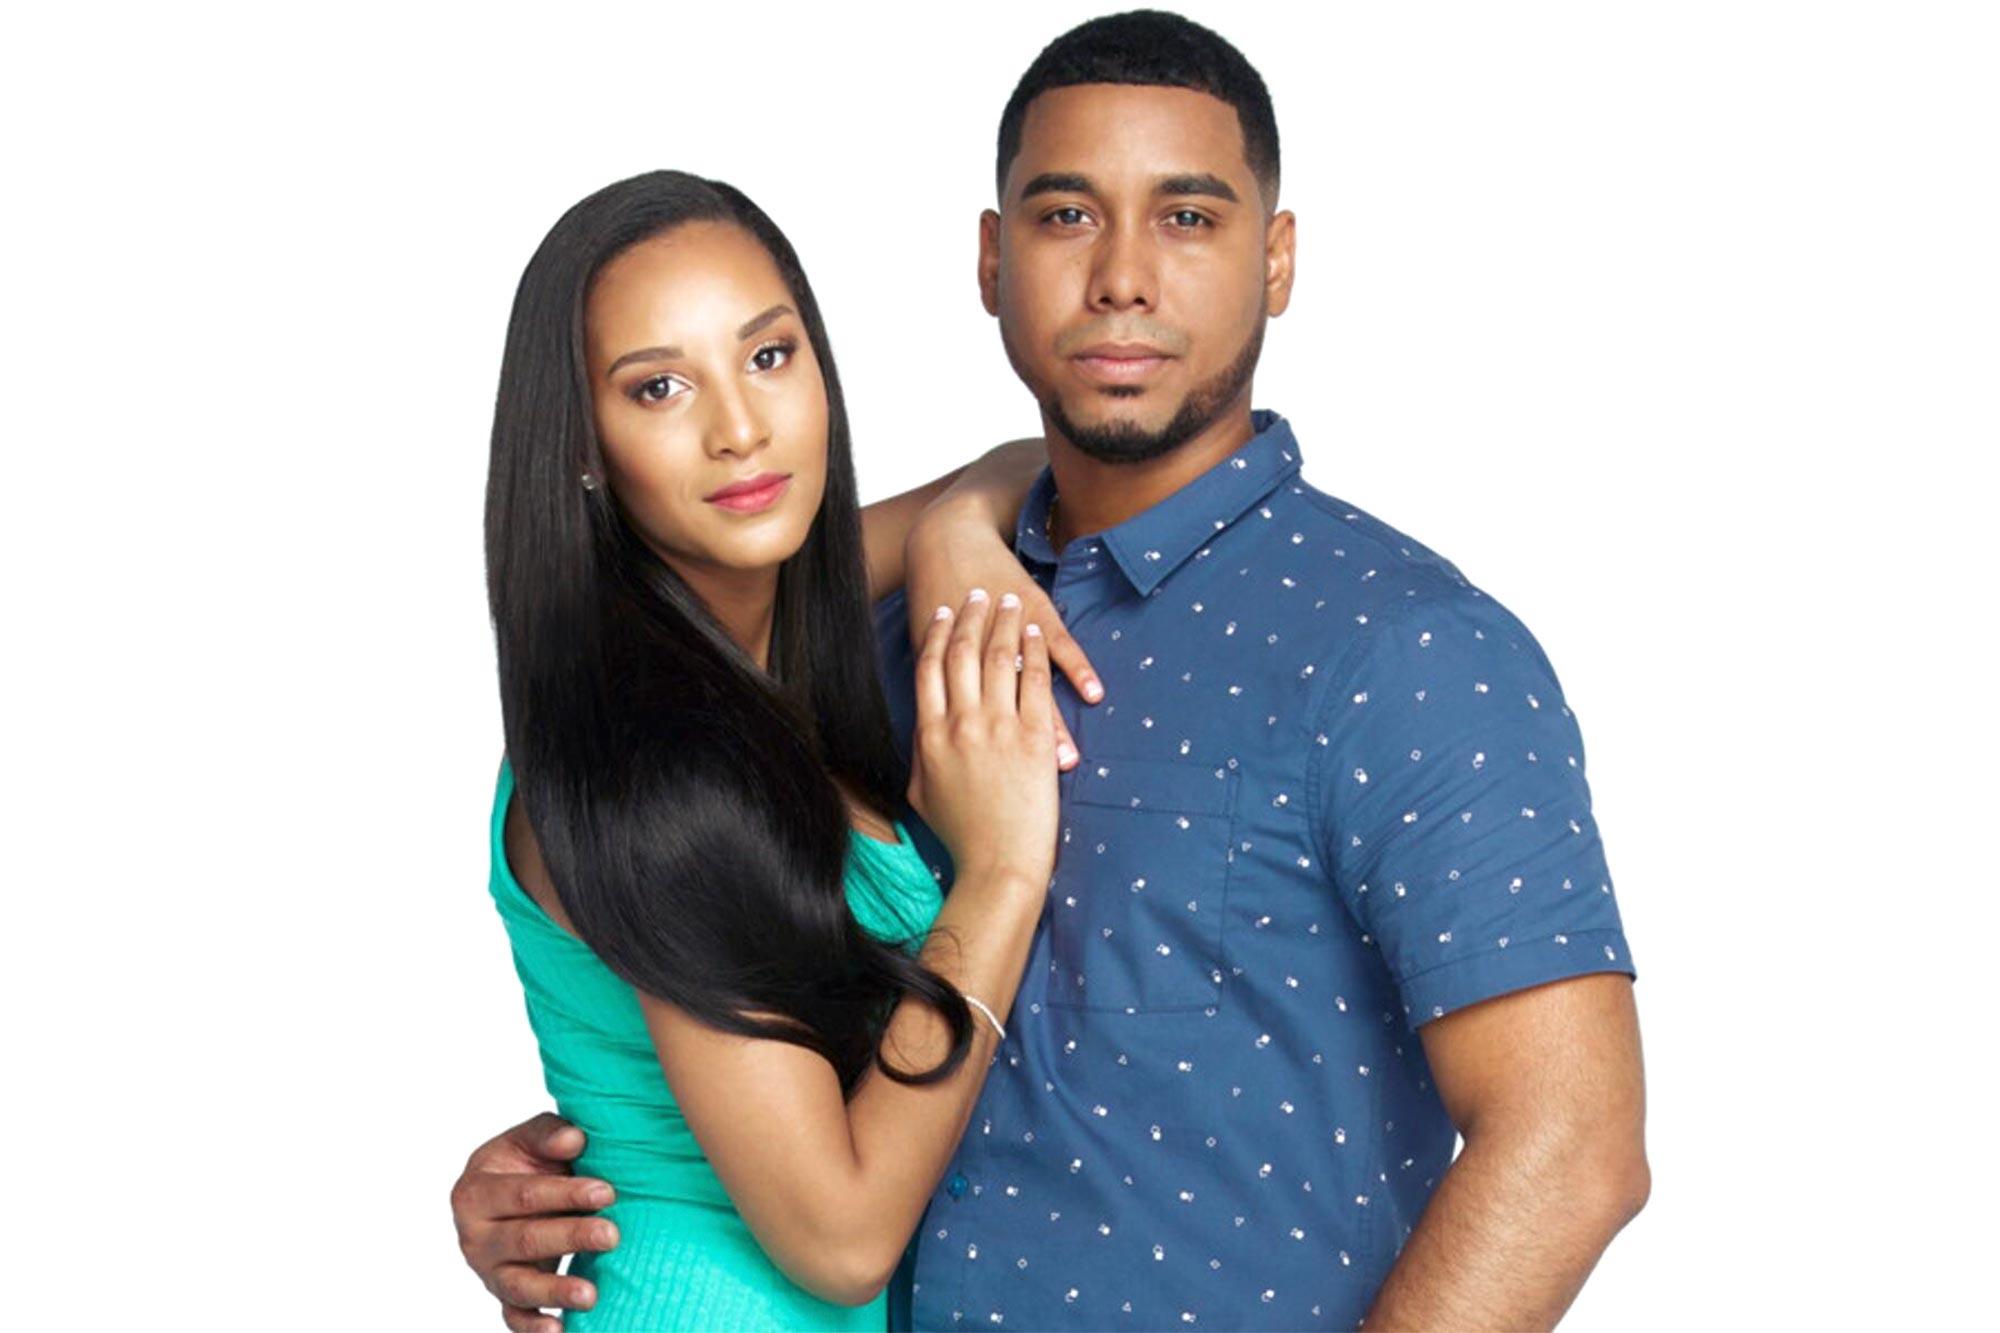 Pedro and Chantel